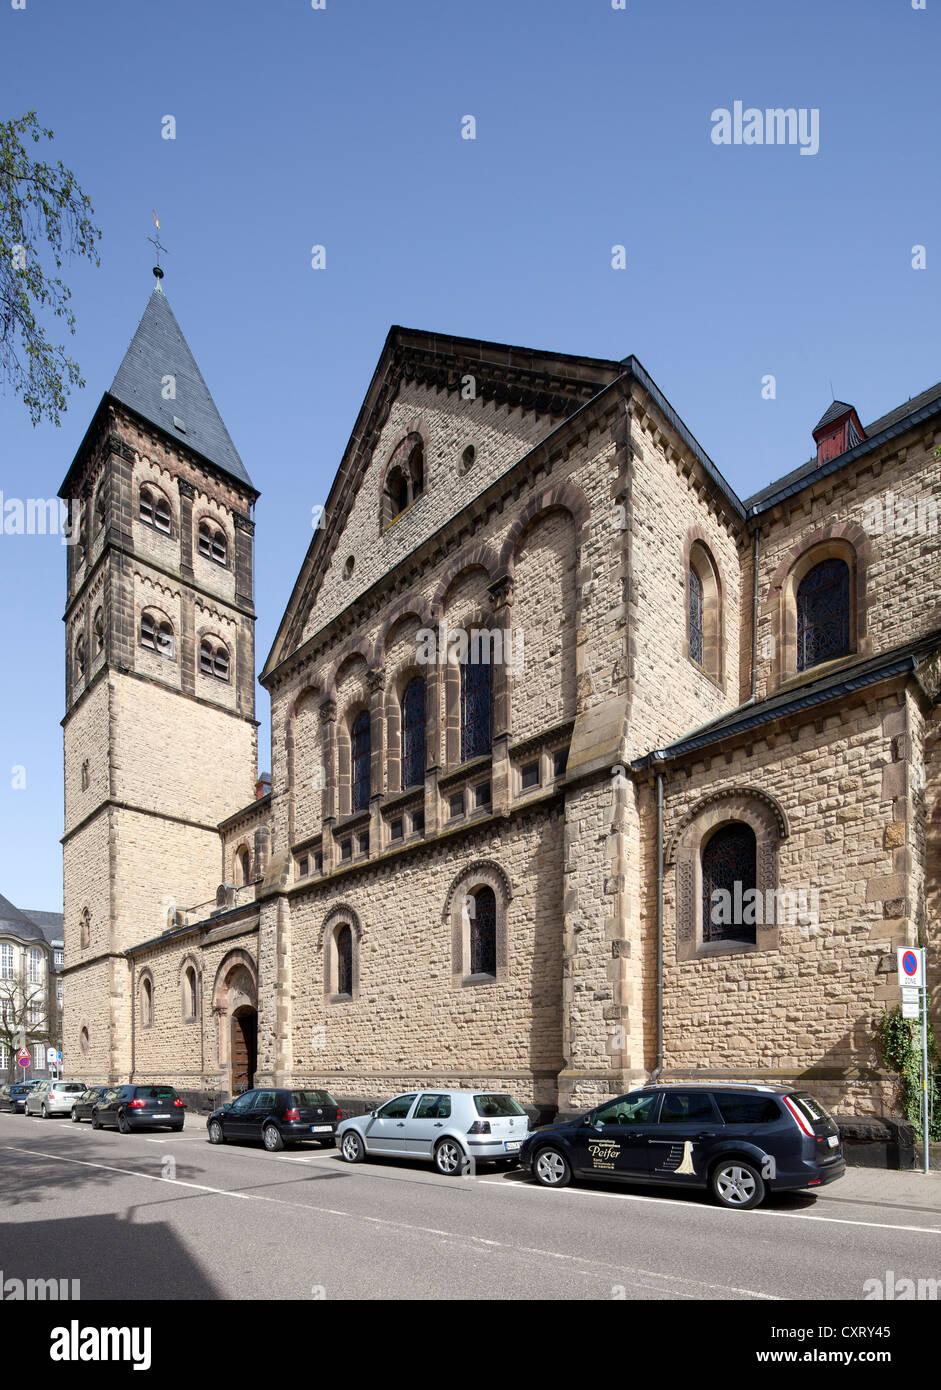 Paulus-Kirche church, Trier, Rhineland-Palatinate, Germany, Europe, PublicGround - Stock Image